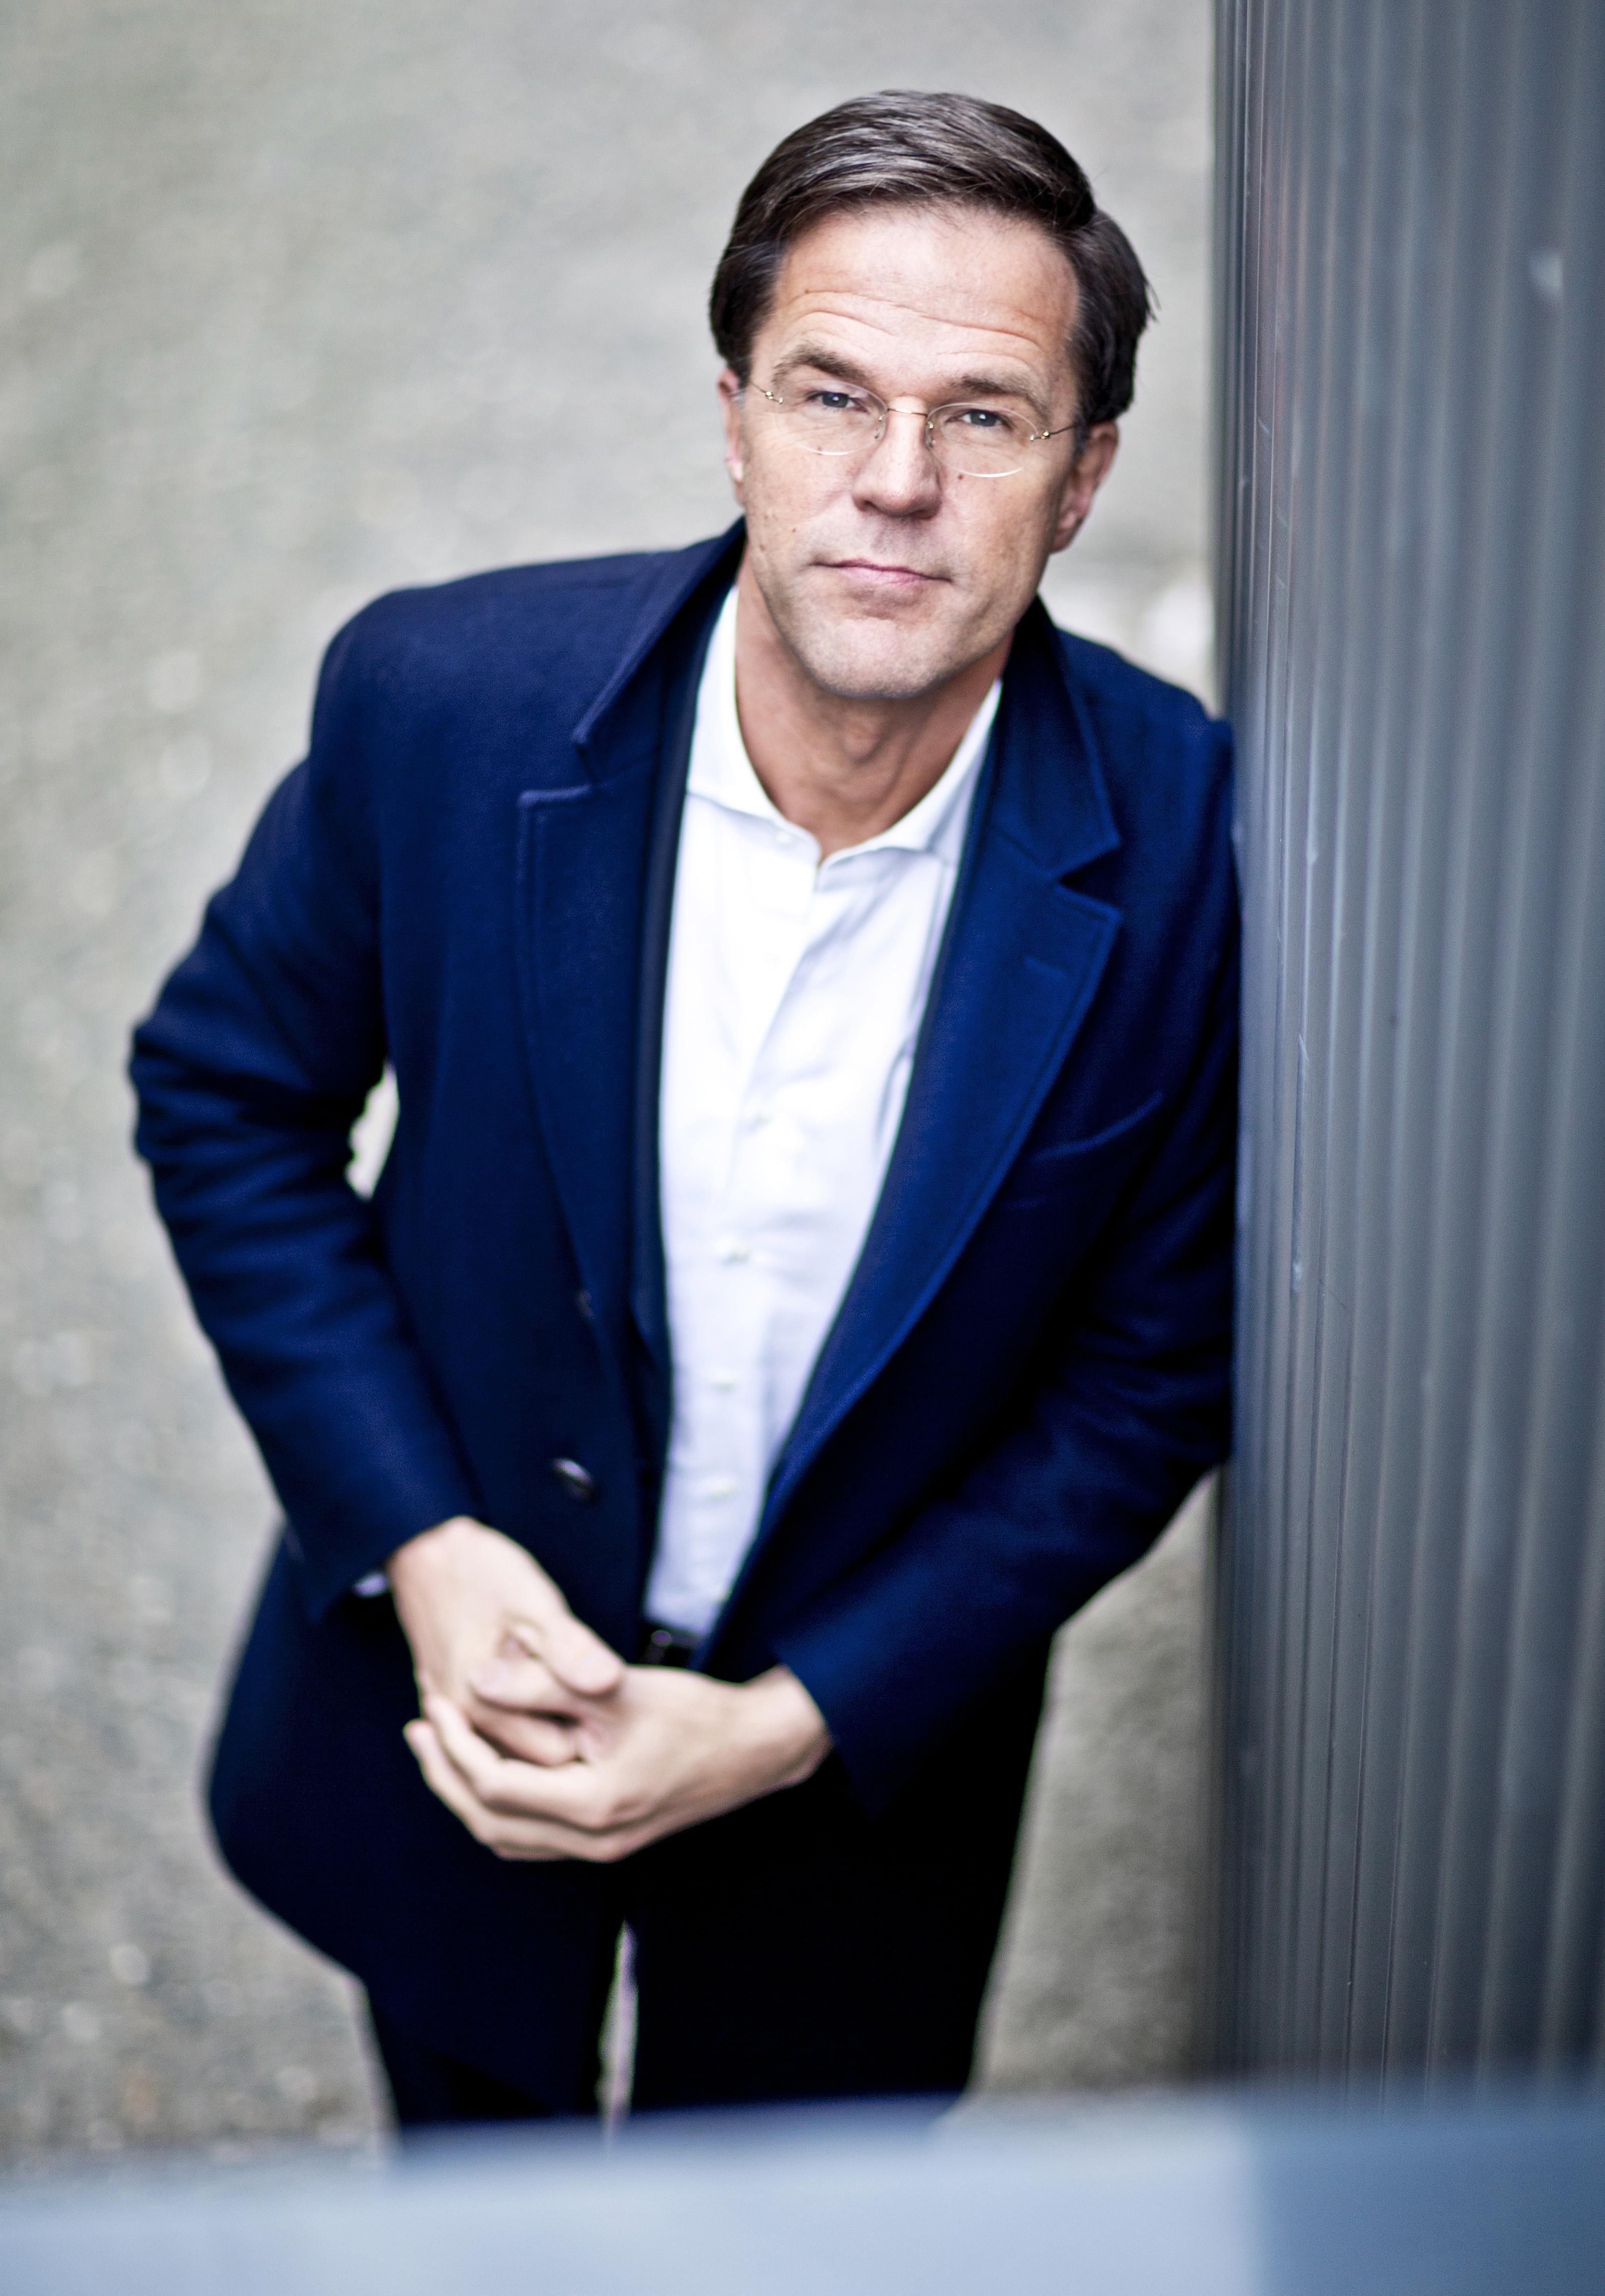 DEN HAAG - Portretten Minister President Mark Rutte (VVD). - ANP COPYRIGHT GUUS SCHOONEWILLE